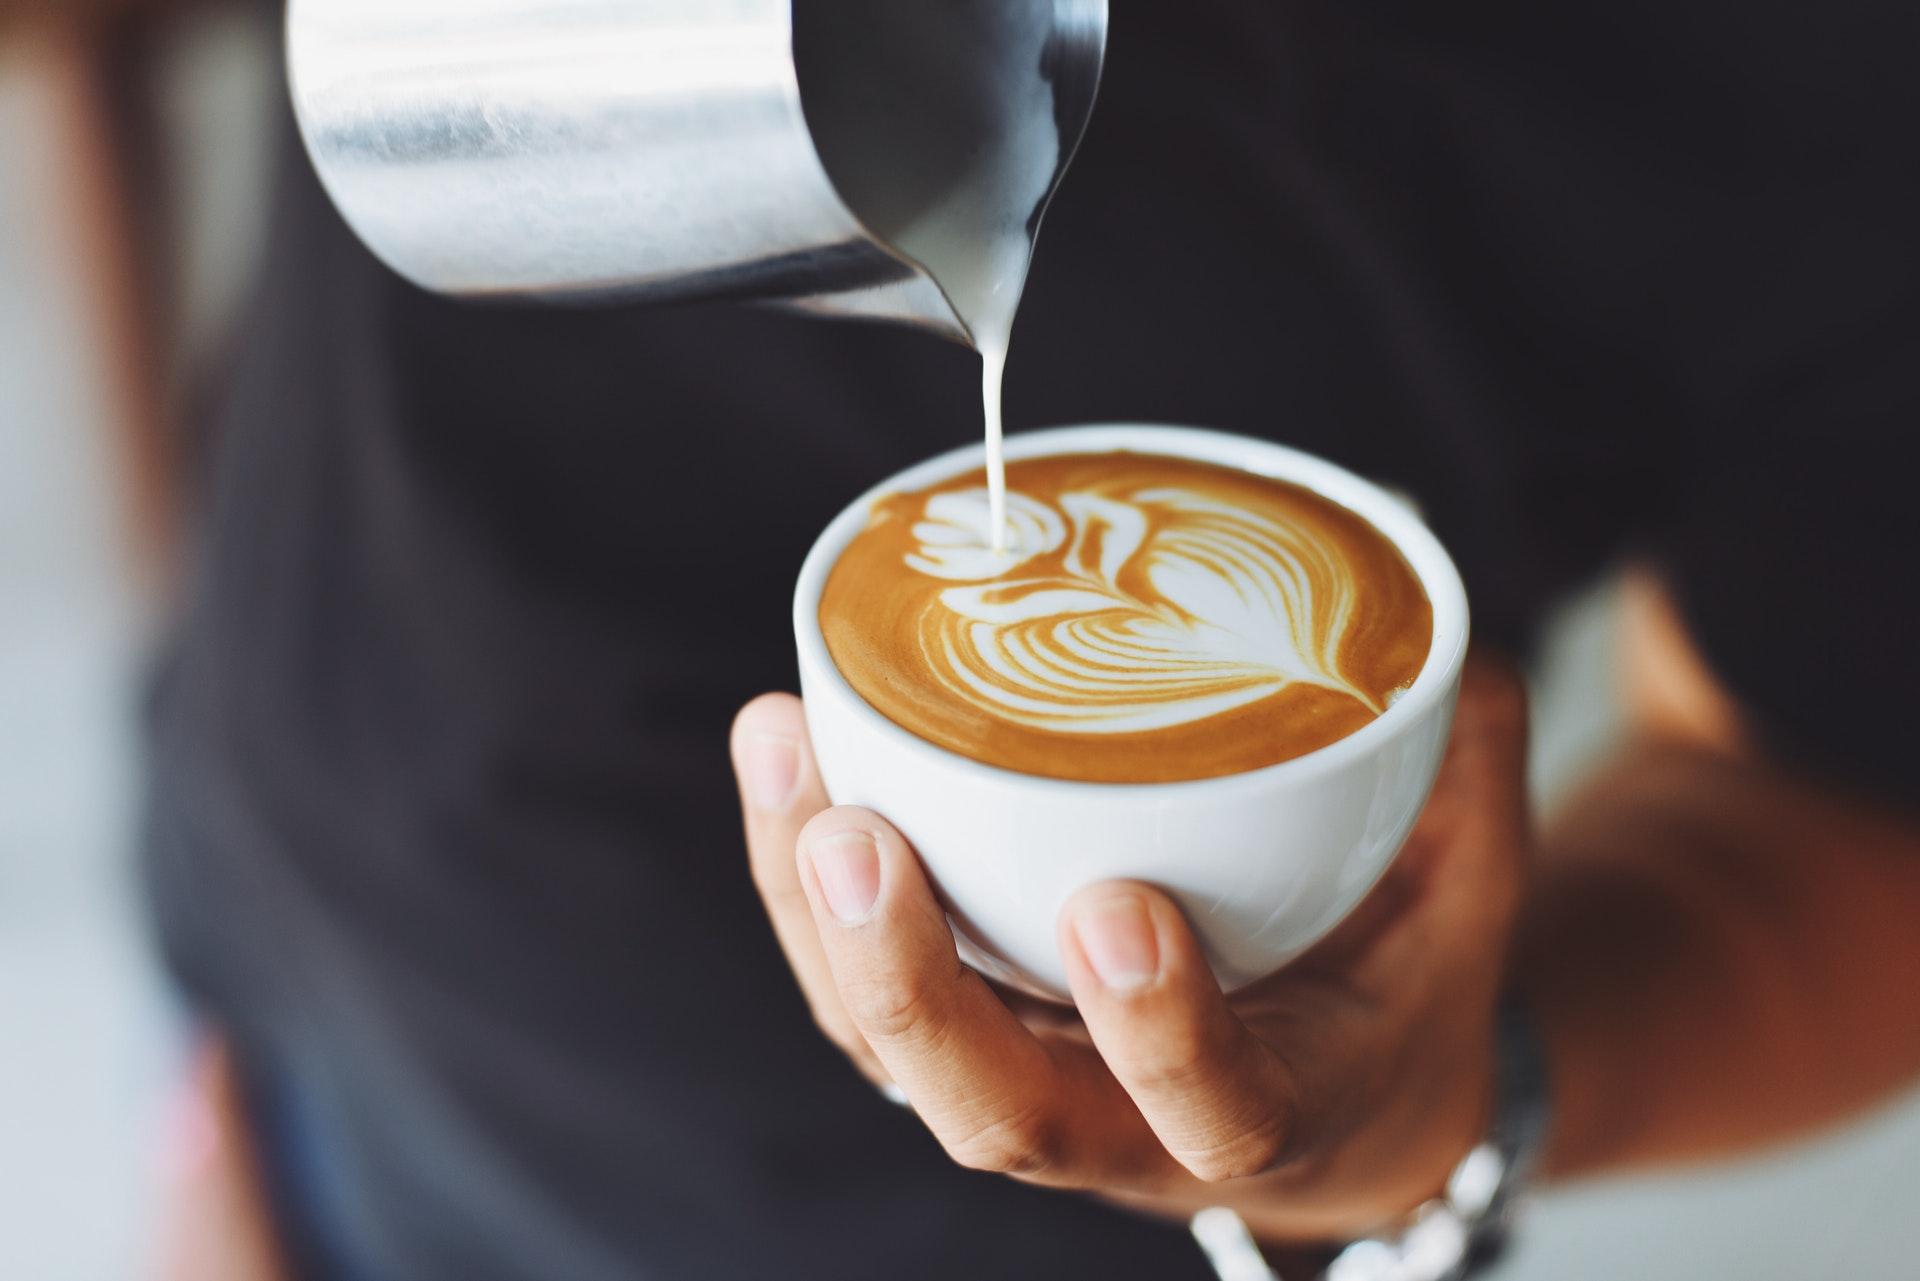 Кофе оказалось способно ликвидировать дефицит витамина D